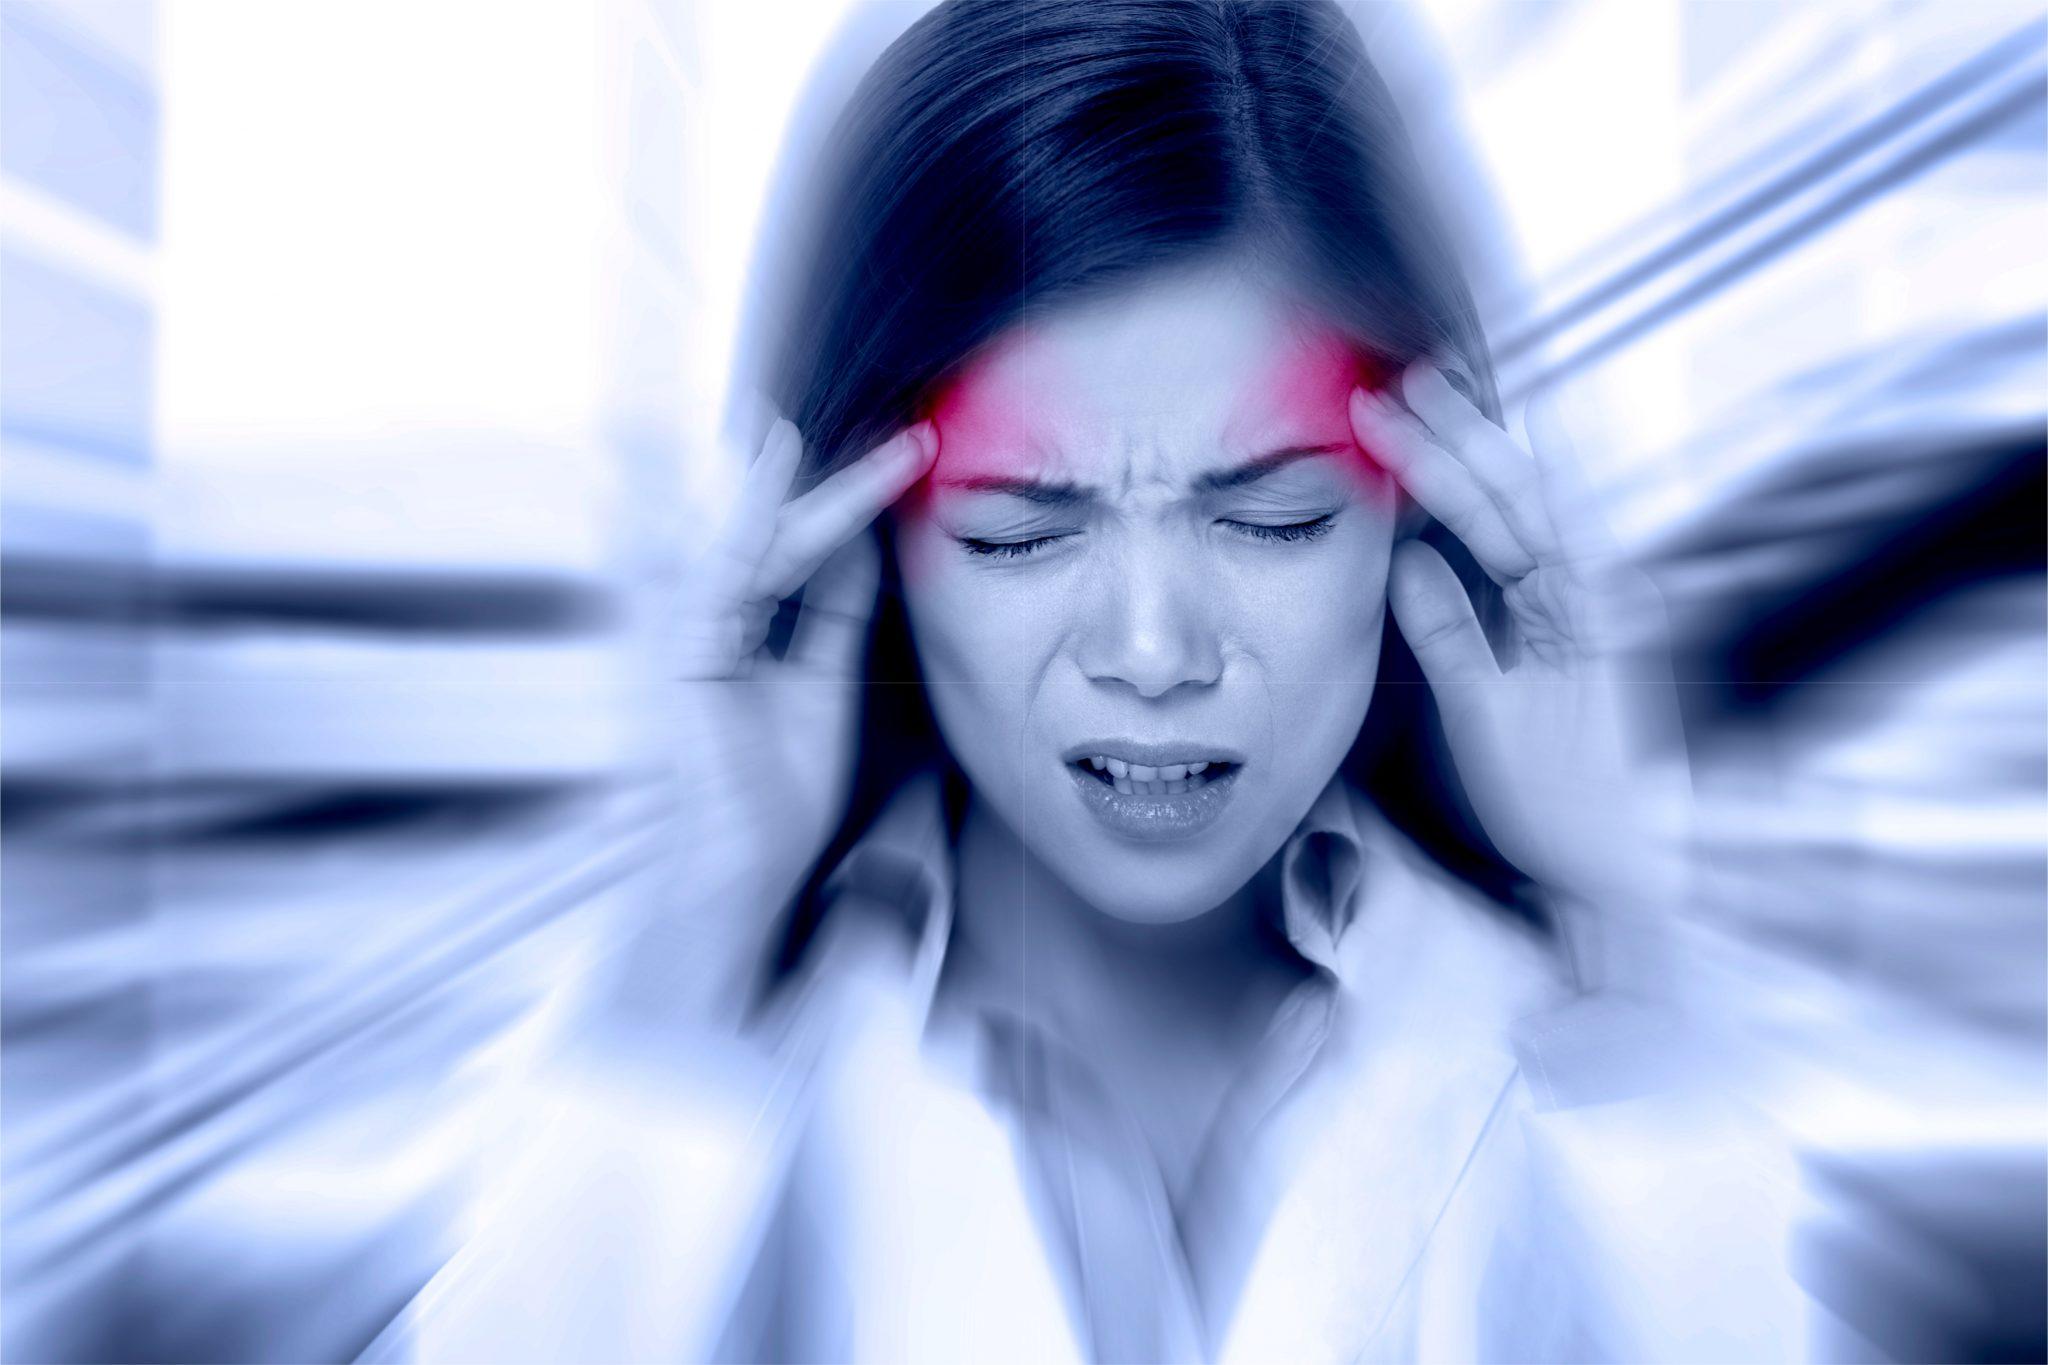 頭痛で頭を抑えている女性